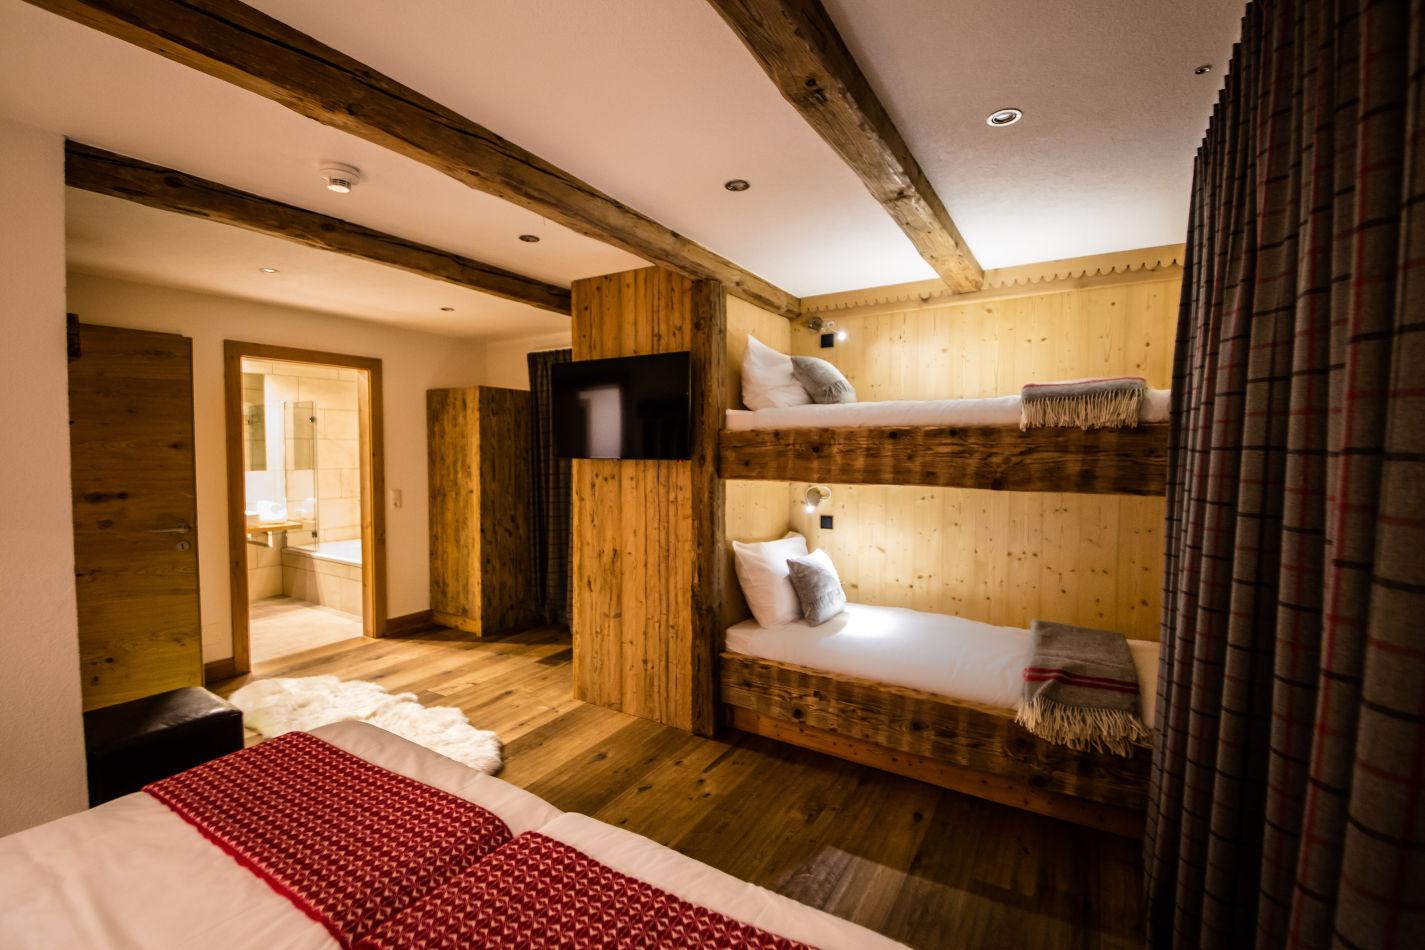 53-bedroom-image-2-2